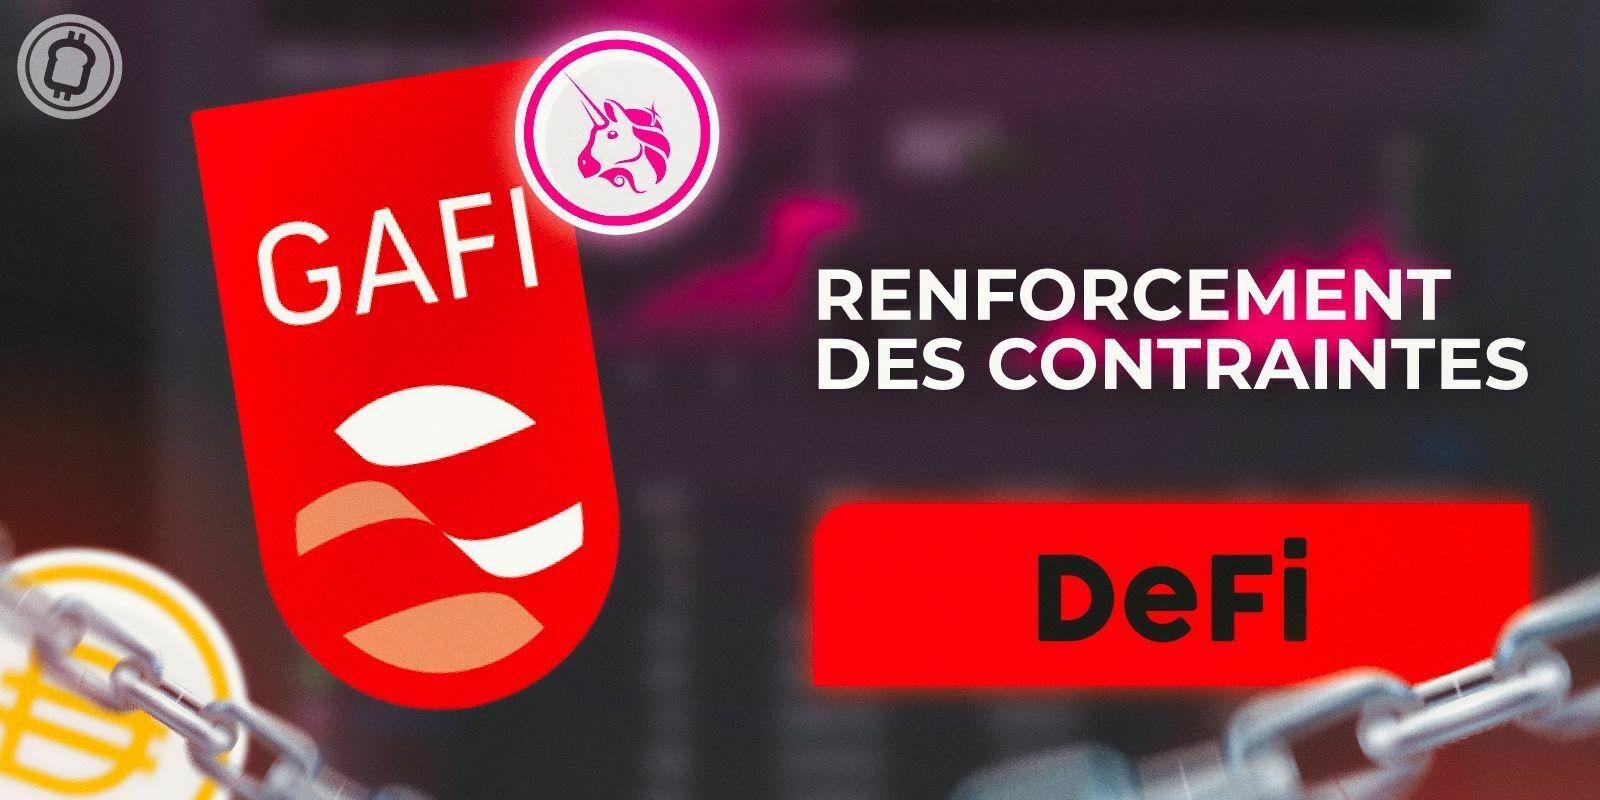 Guidance GAFI : un potentiel renforcement des contraintes pour les acteurs de la DeFi